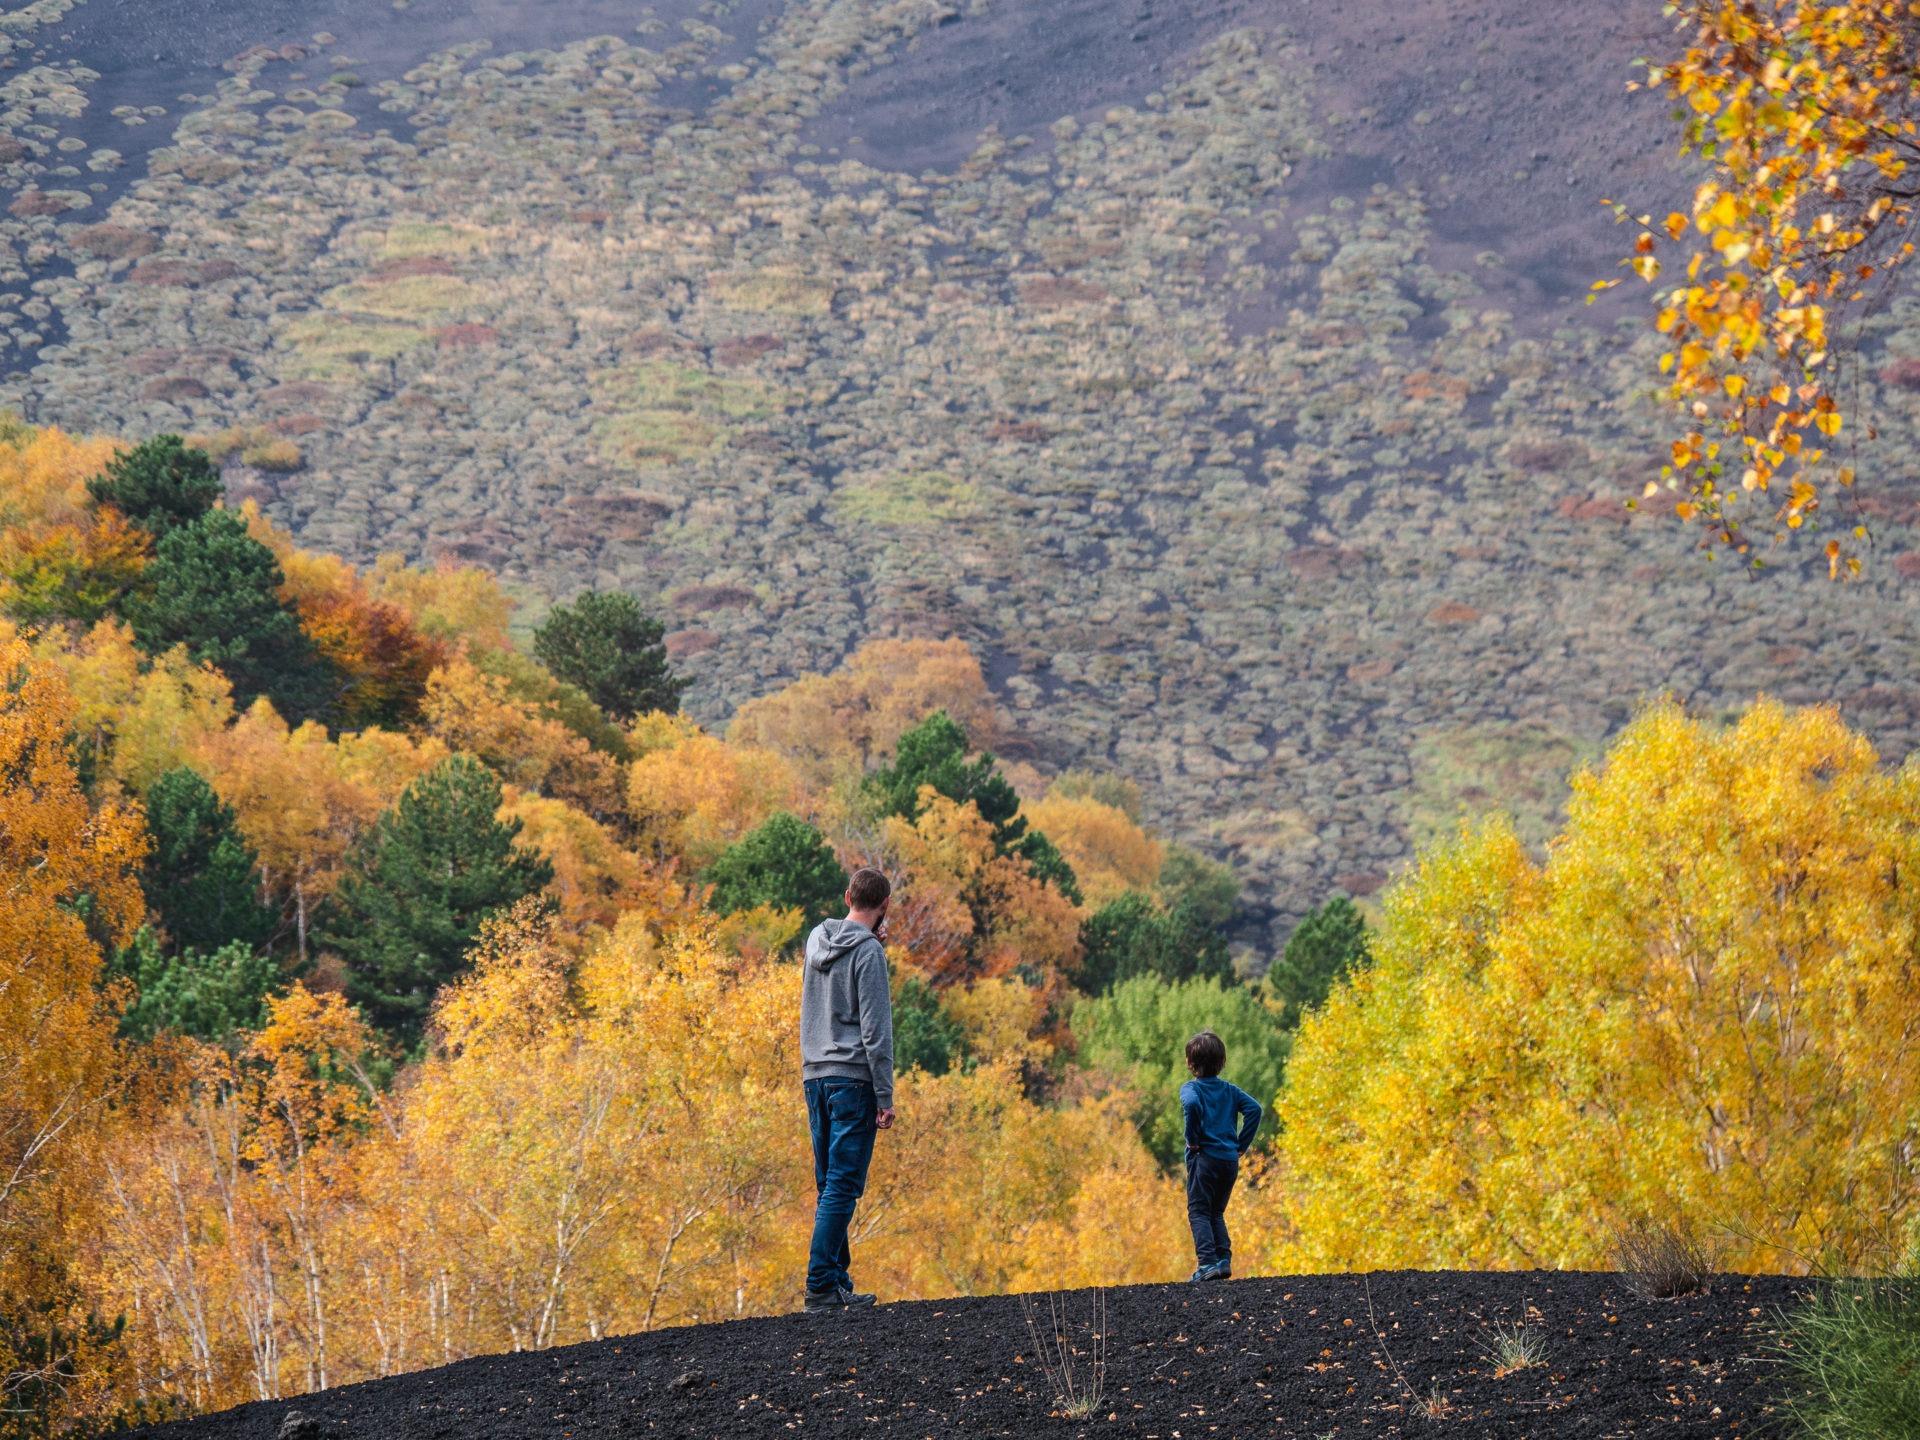 Sicile etna 1011343 - Les globe blogueurs - blog voyage nature